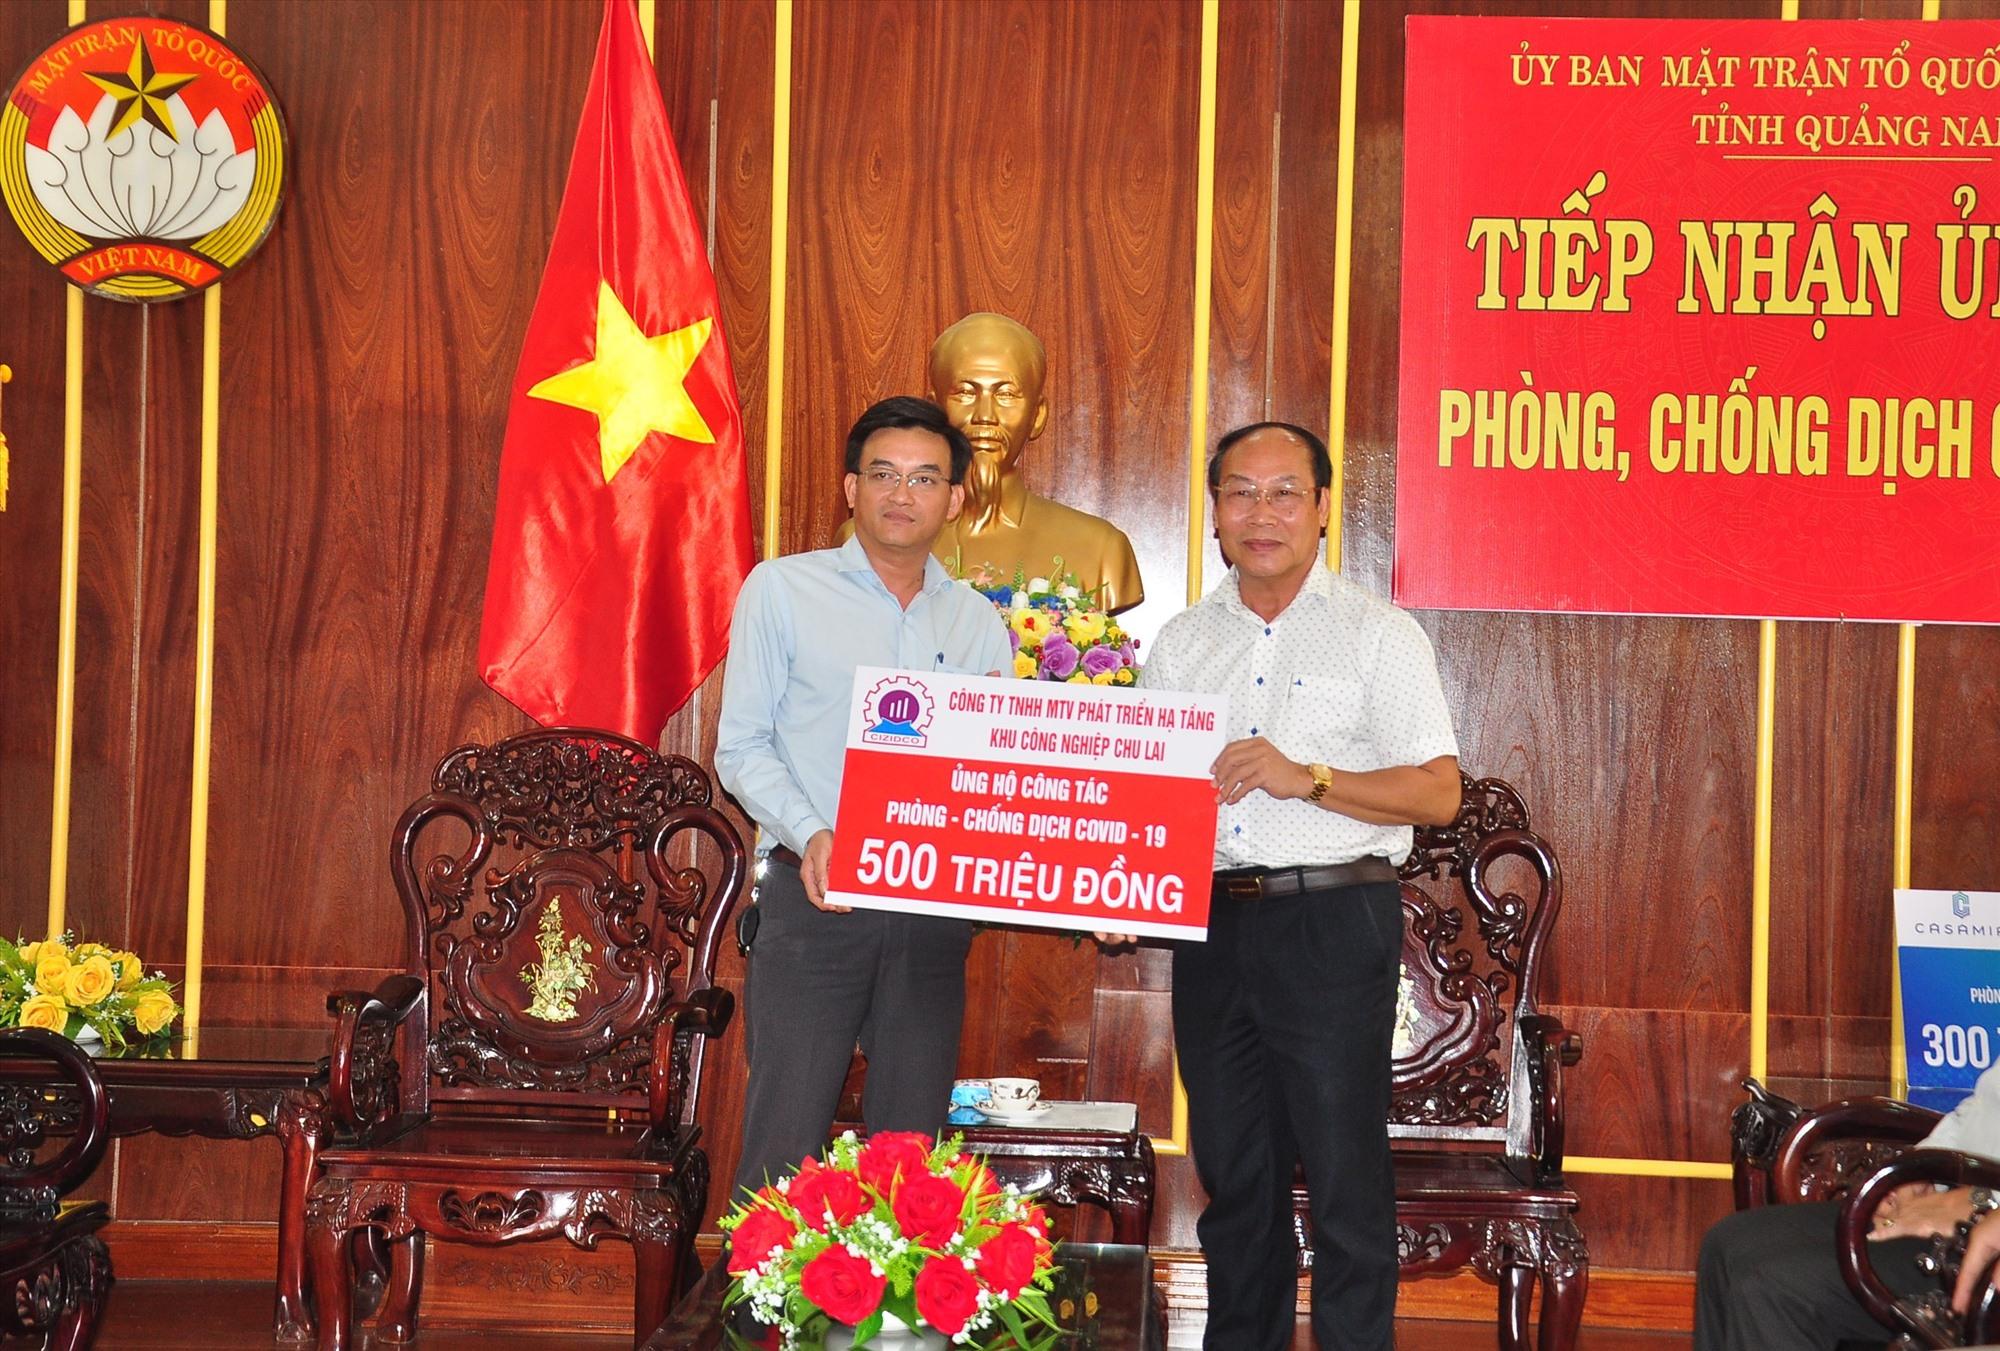 Đại diện Công ty TNHH MTV Phát triển hạ tầng KCN Chu Lai trao nguồn hỗ trợ 500 triệu đồng phòng chống dịch Covid-19. Ảnh: VINH ANH